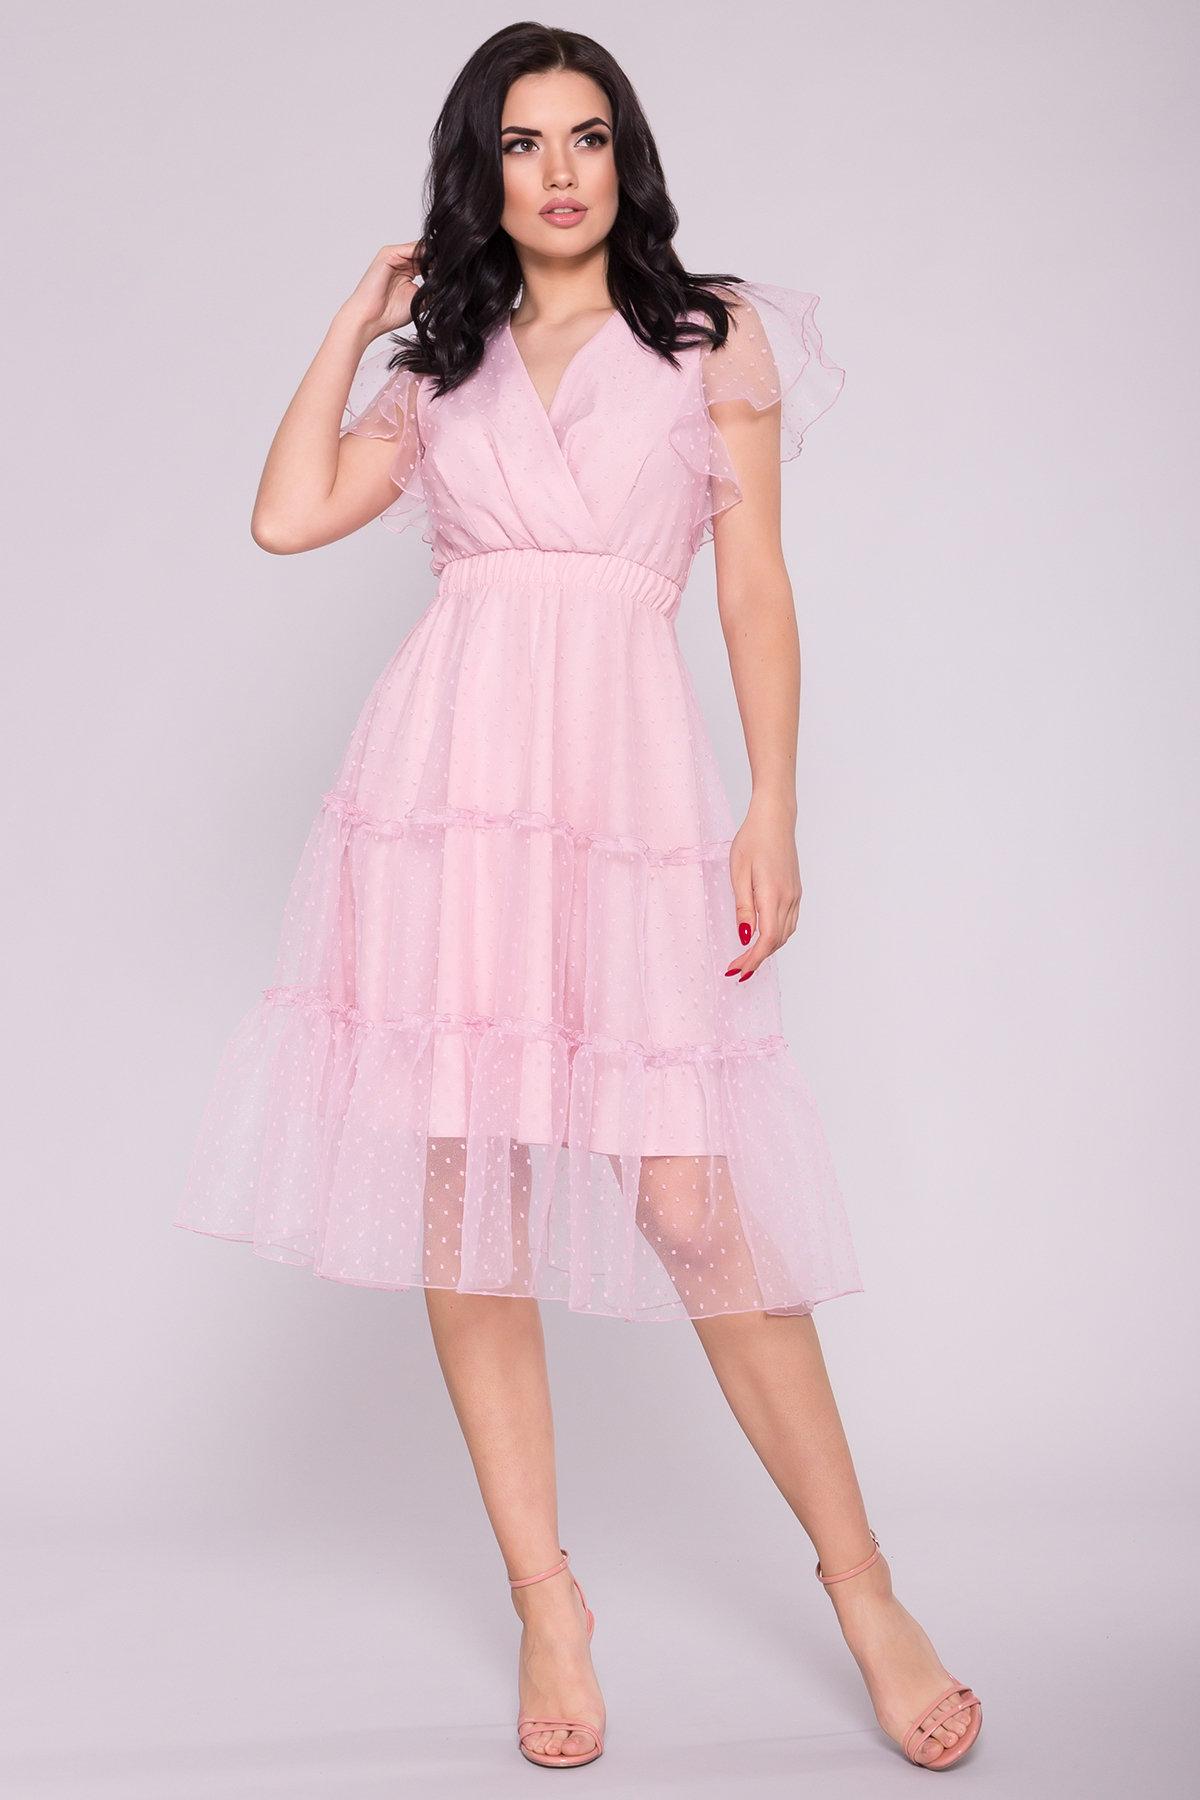 Платье Манана 7075 АРТ. 42448 Цвет: Розовый Светлый 13 - фото 2, интернет магазин tm-modus.ru